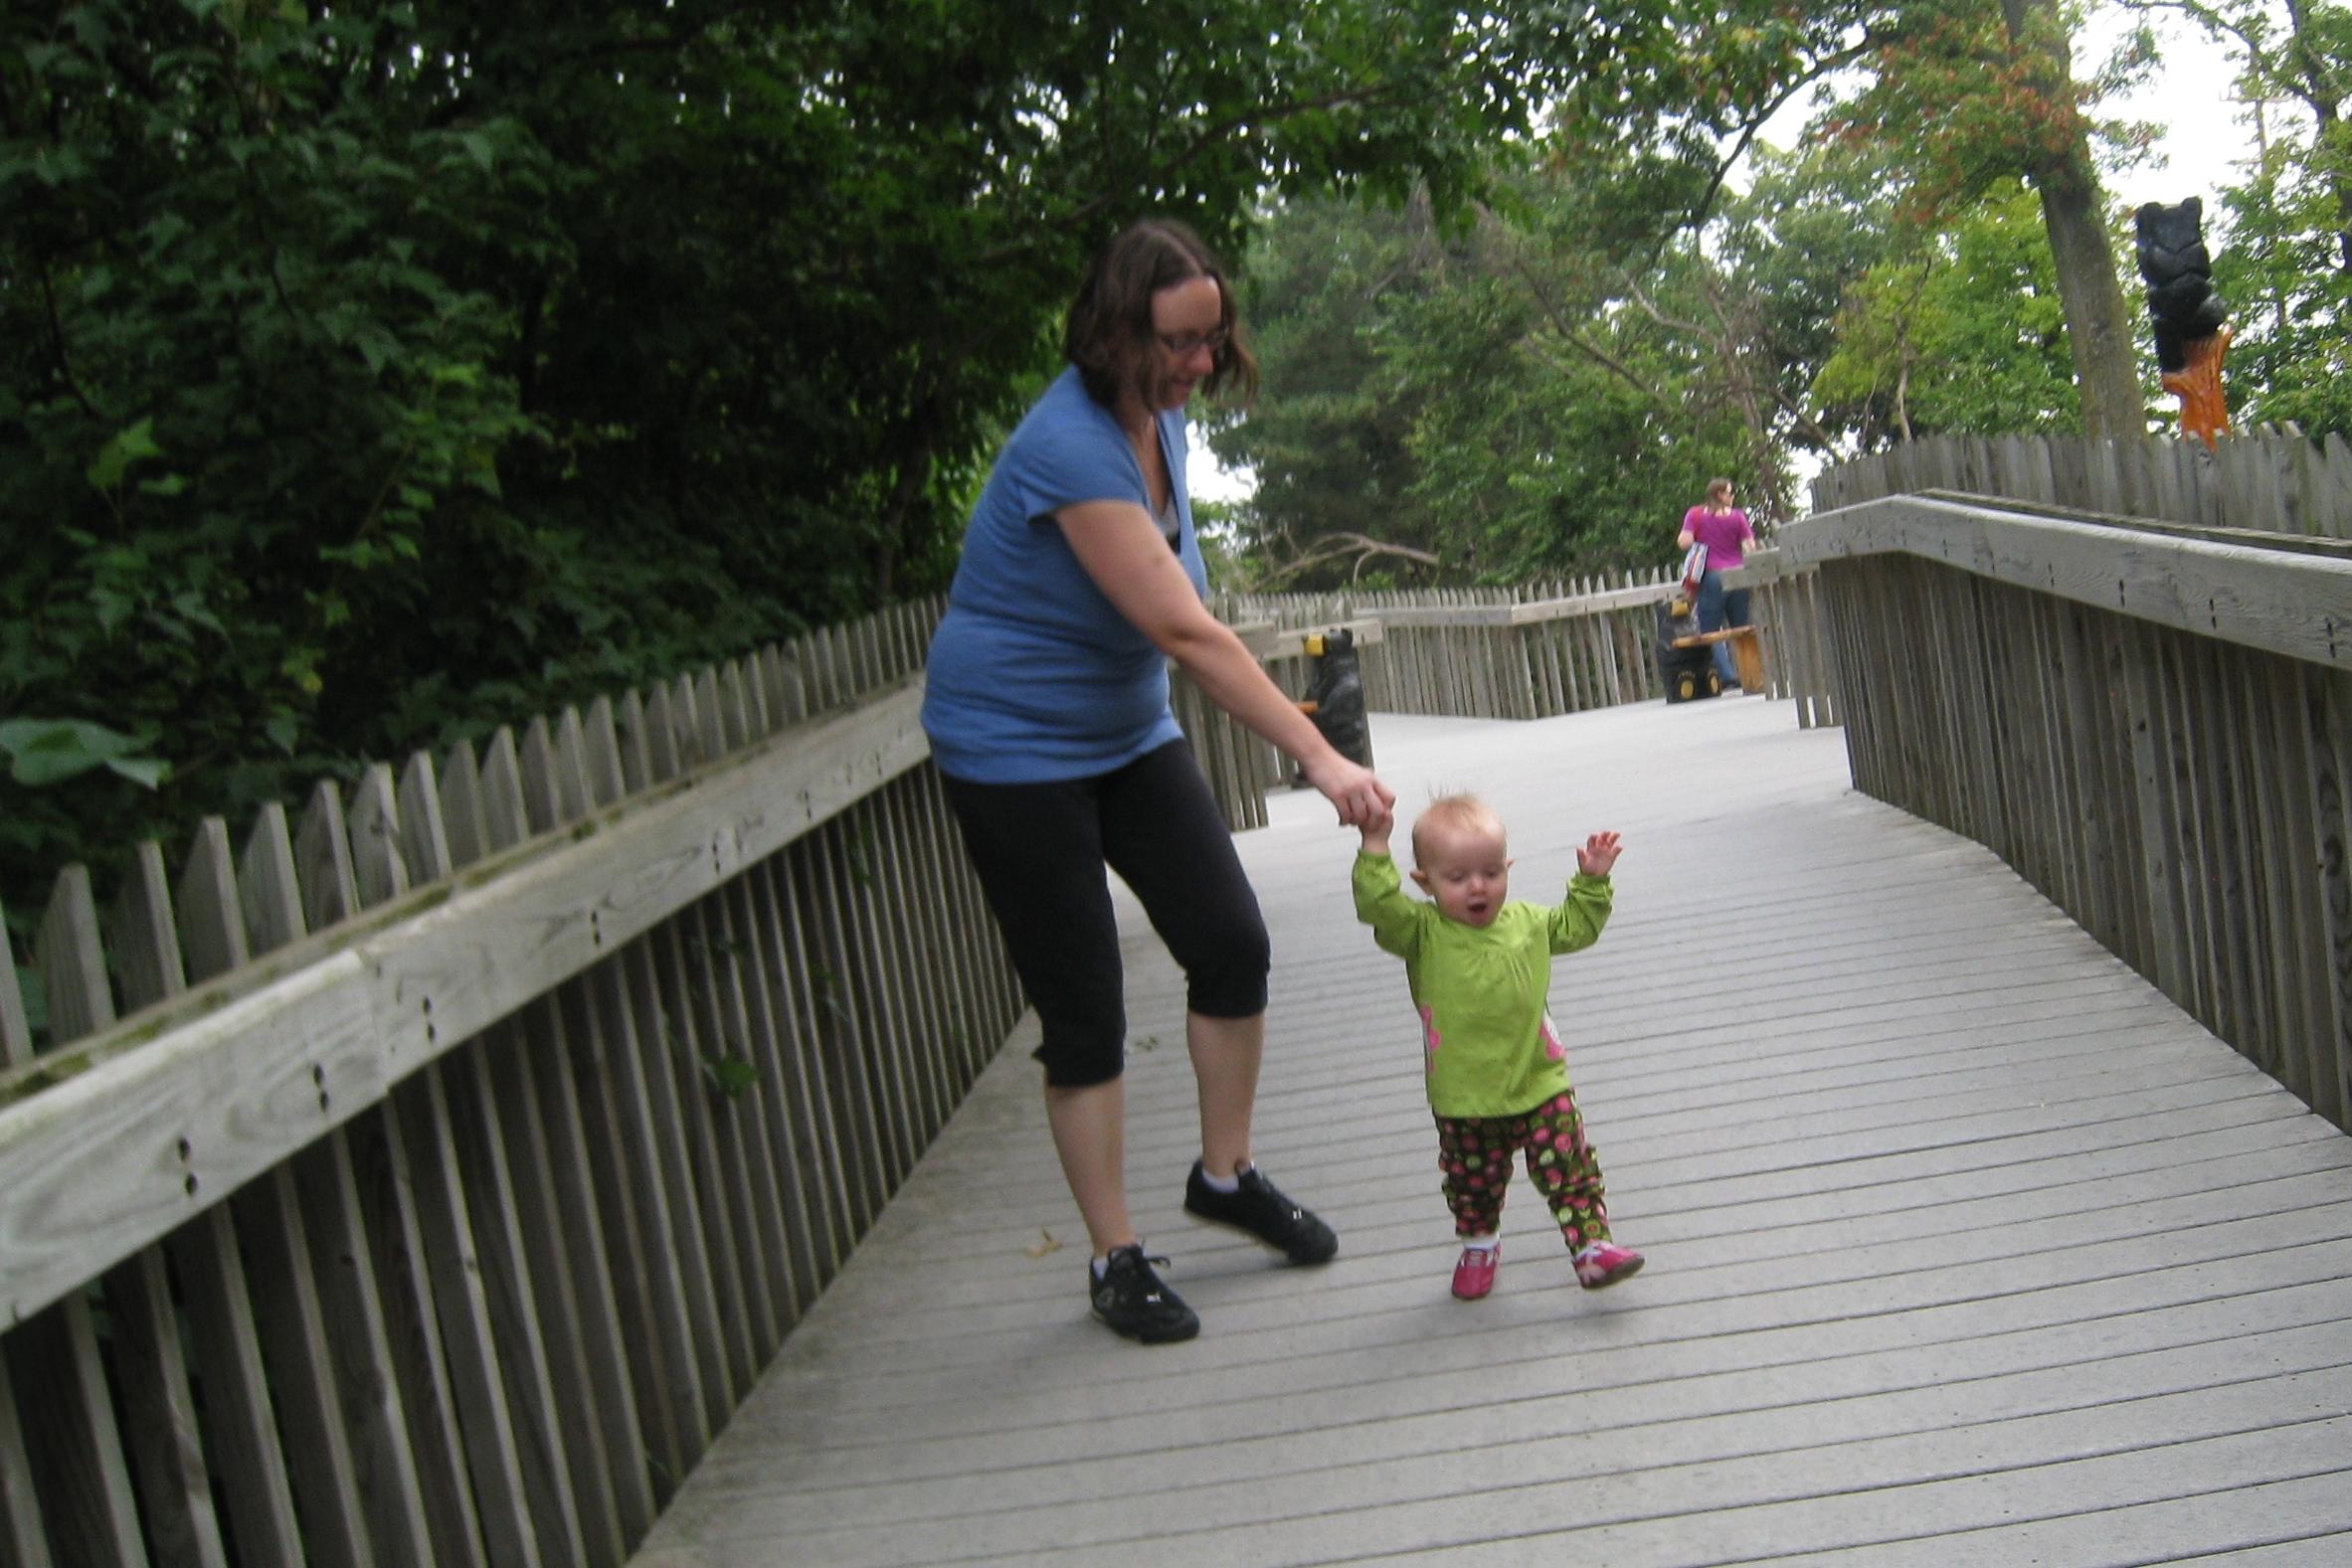 kivrin walking happily at the zoo